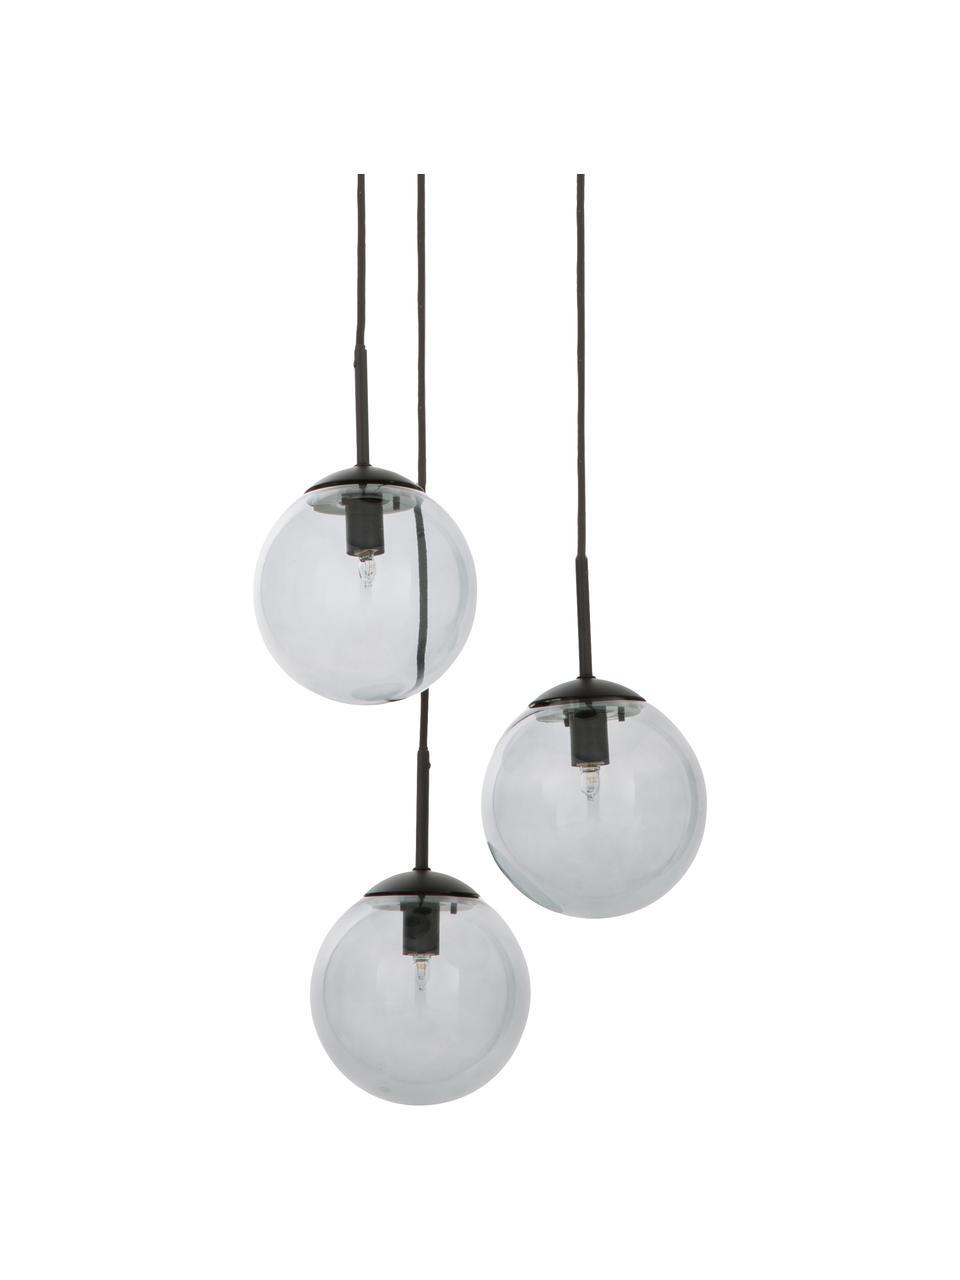 Cluster hanglamp Edie van rookglas, Grijs, zwart, B 30  x D 30 cm